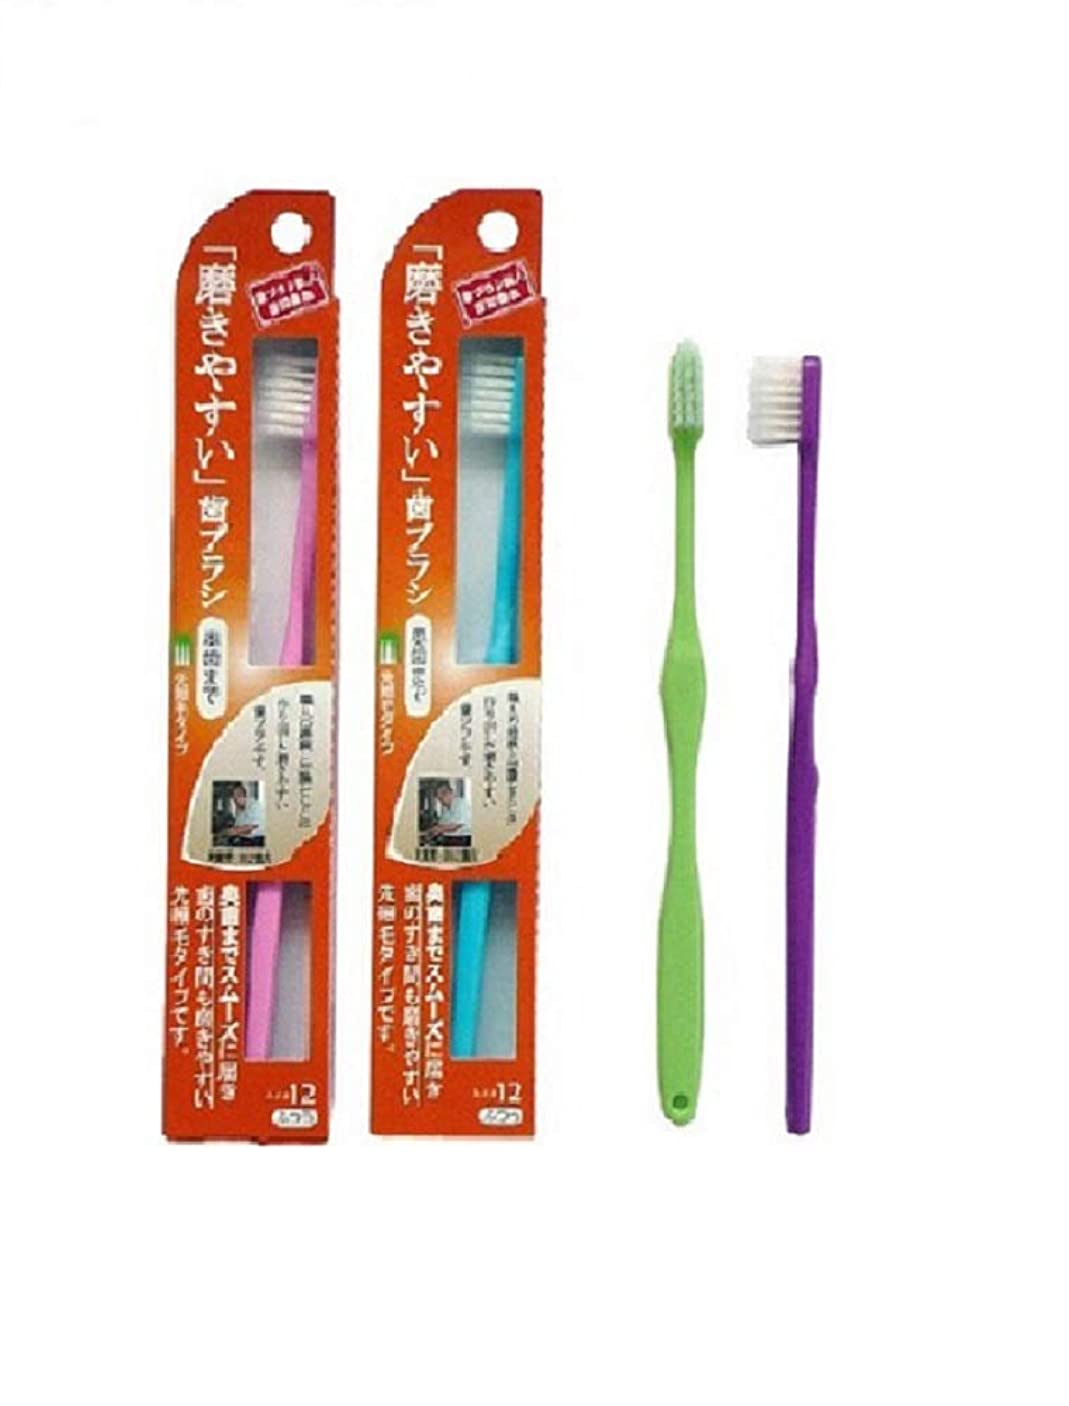 投資アクセスレンダリング【まとめ買い 600本セット】ライフレンジ 磨きやすい歯ブラシ(奥歯まで)先細毛タイプ LT-12